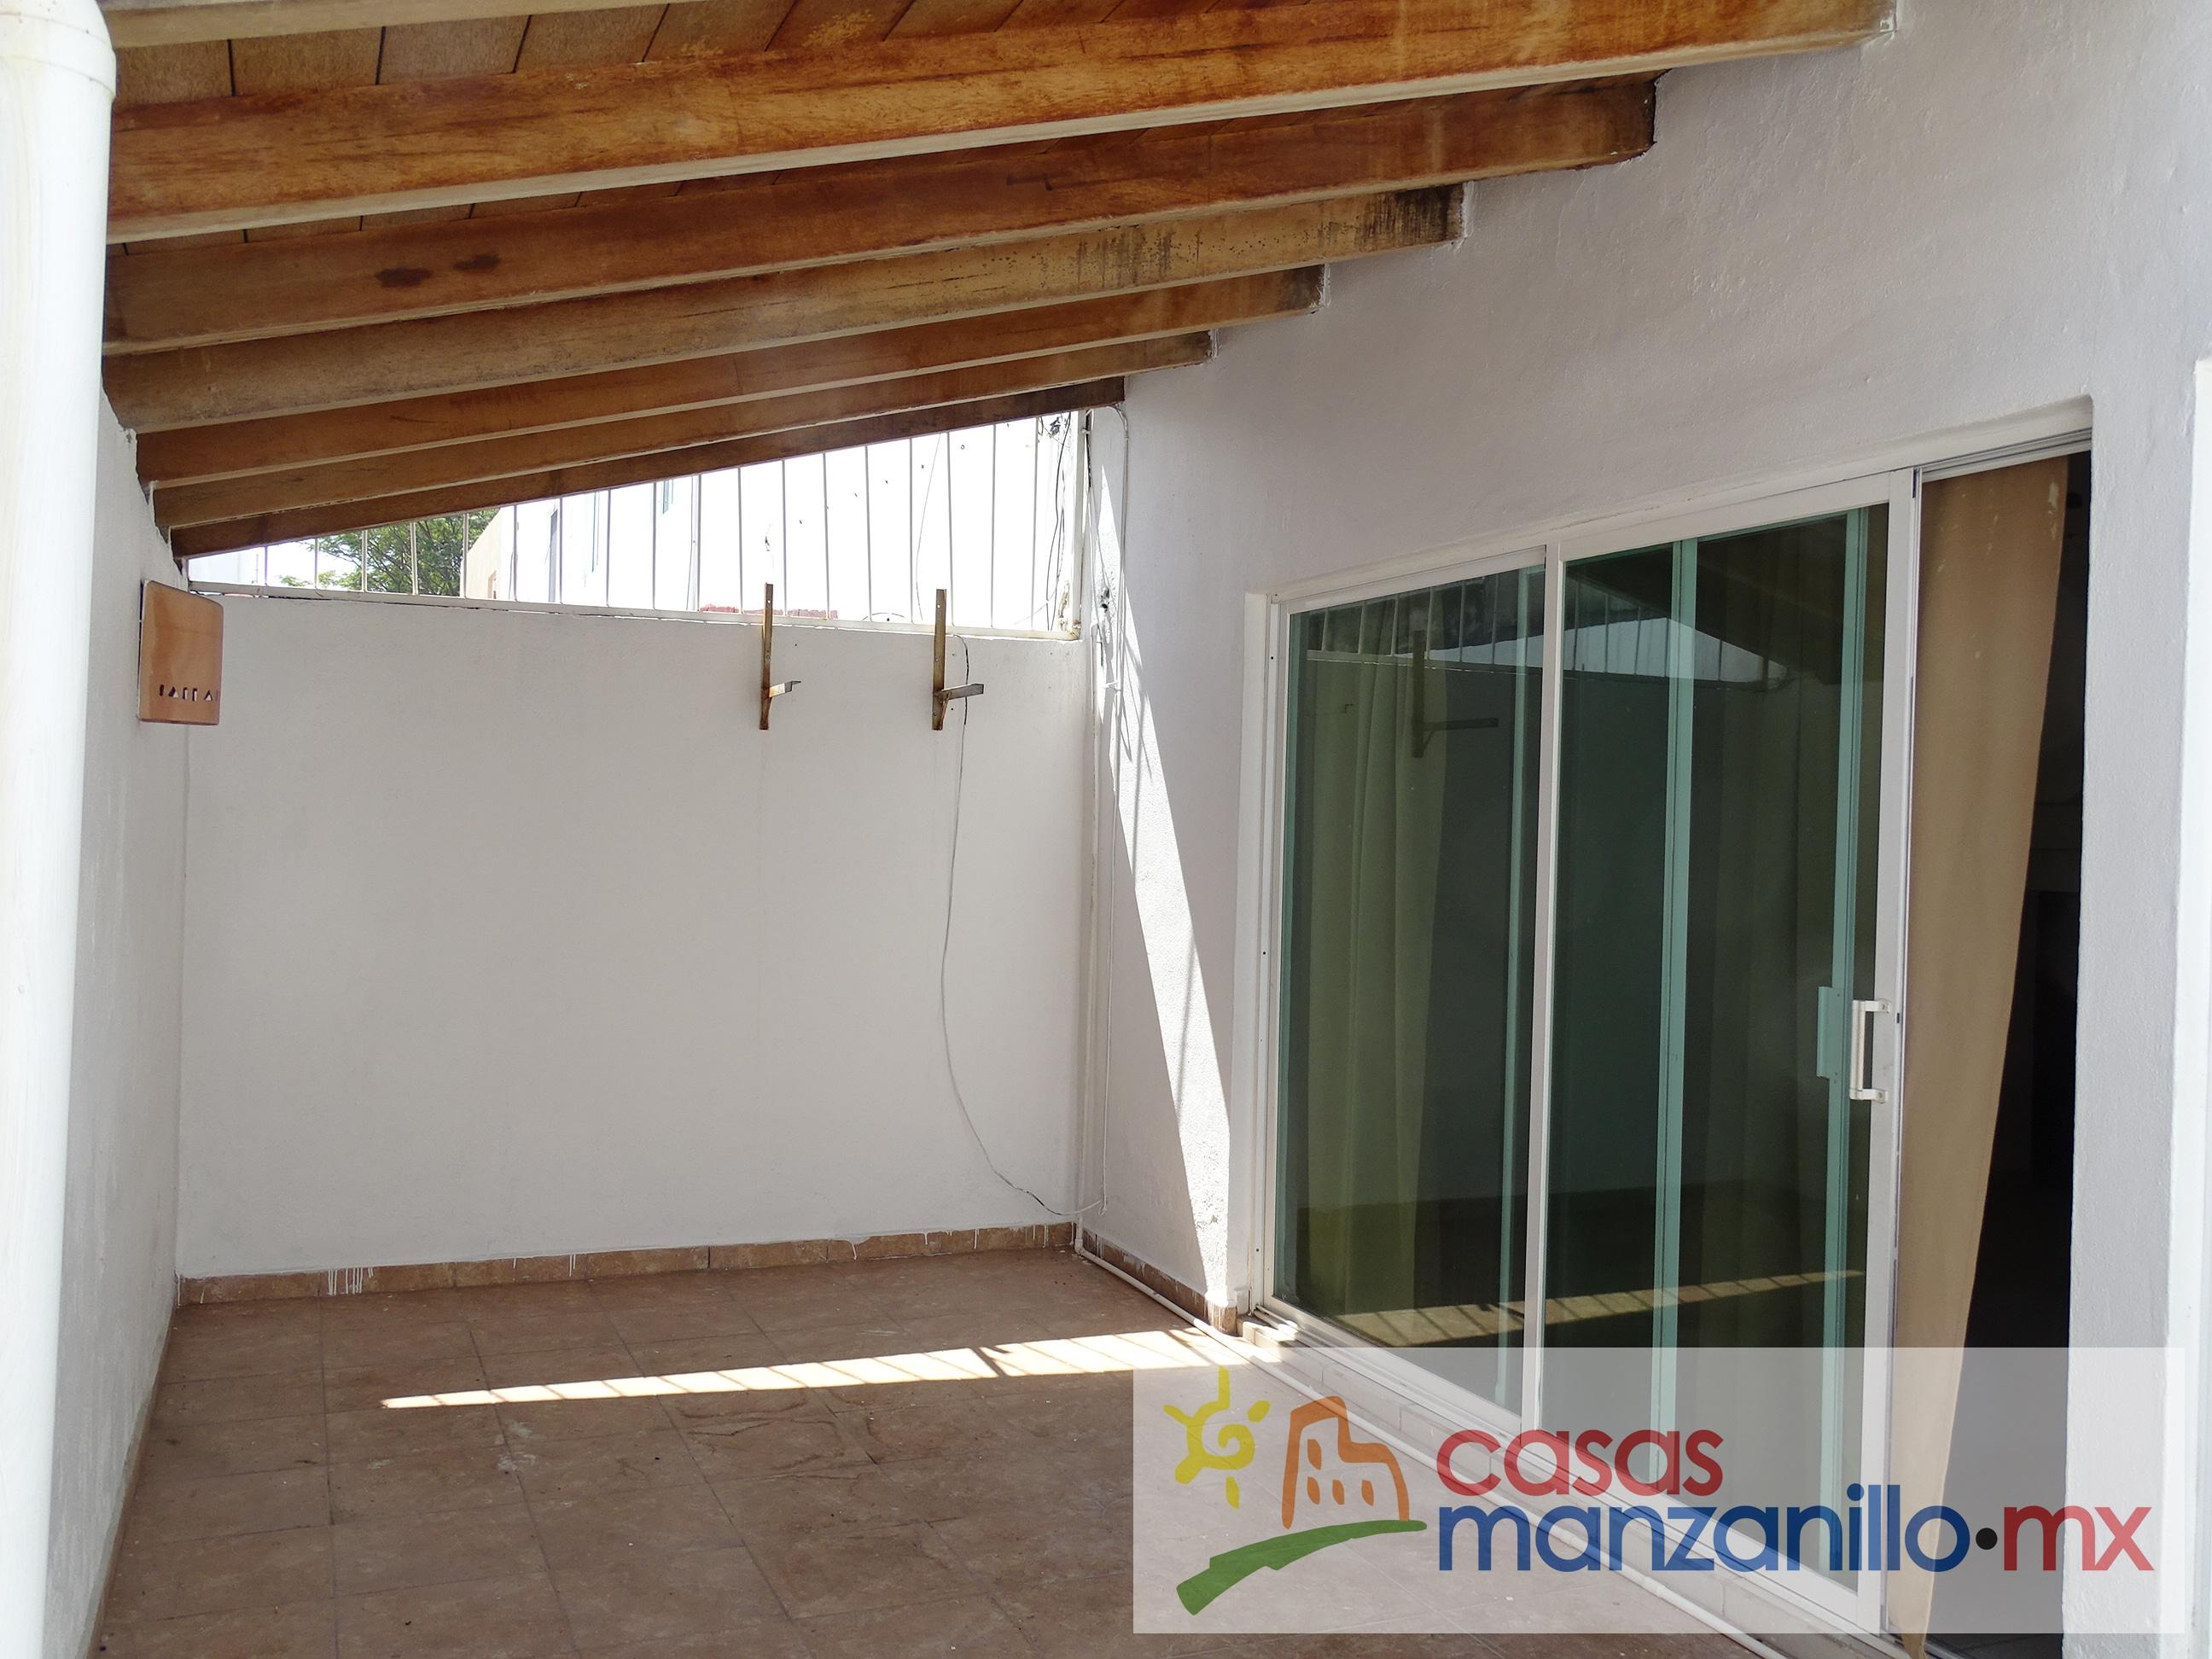 Casas RENTA Manzanillo - Almendros (8)